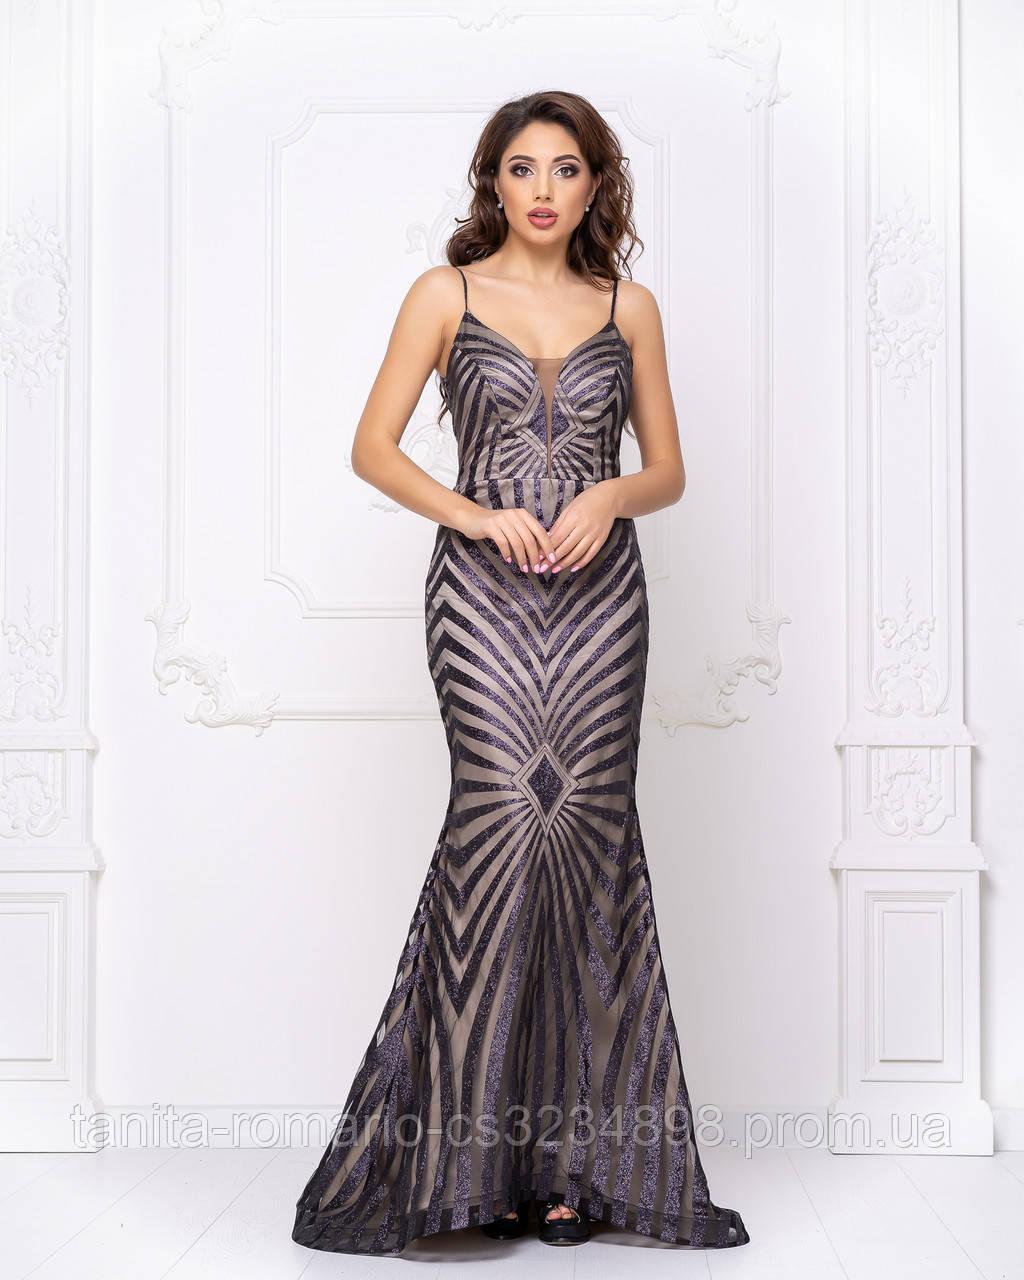 Випускна сукня годе розписана глітером